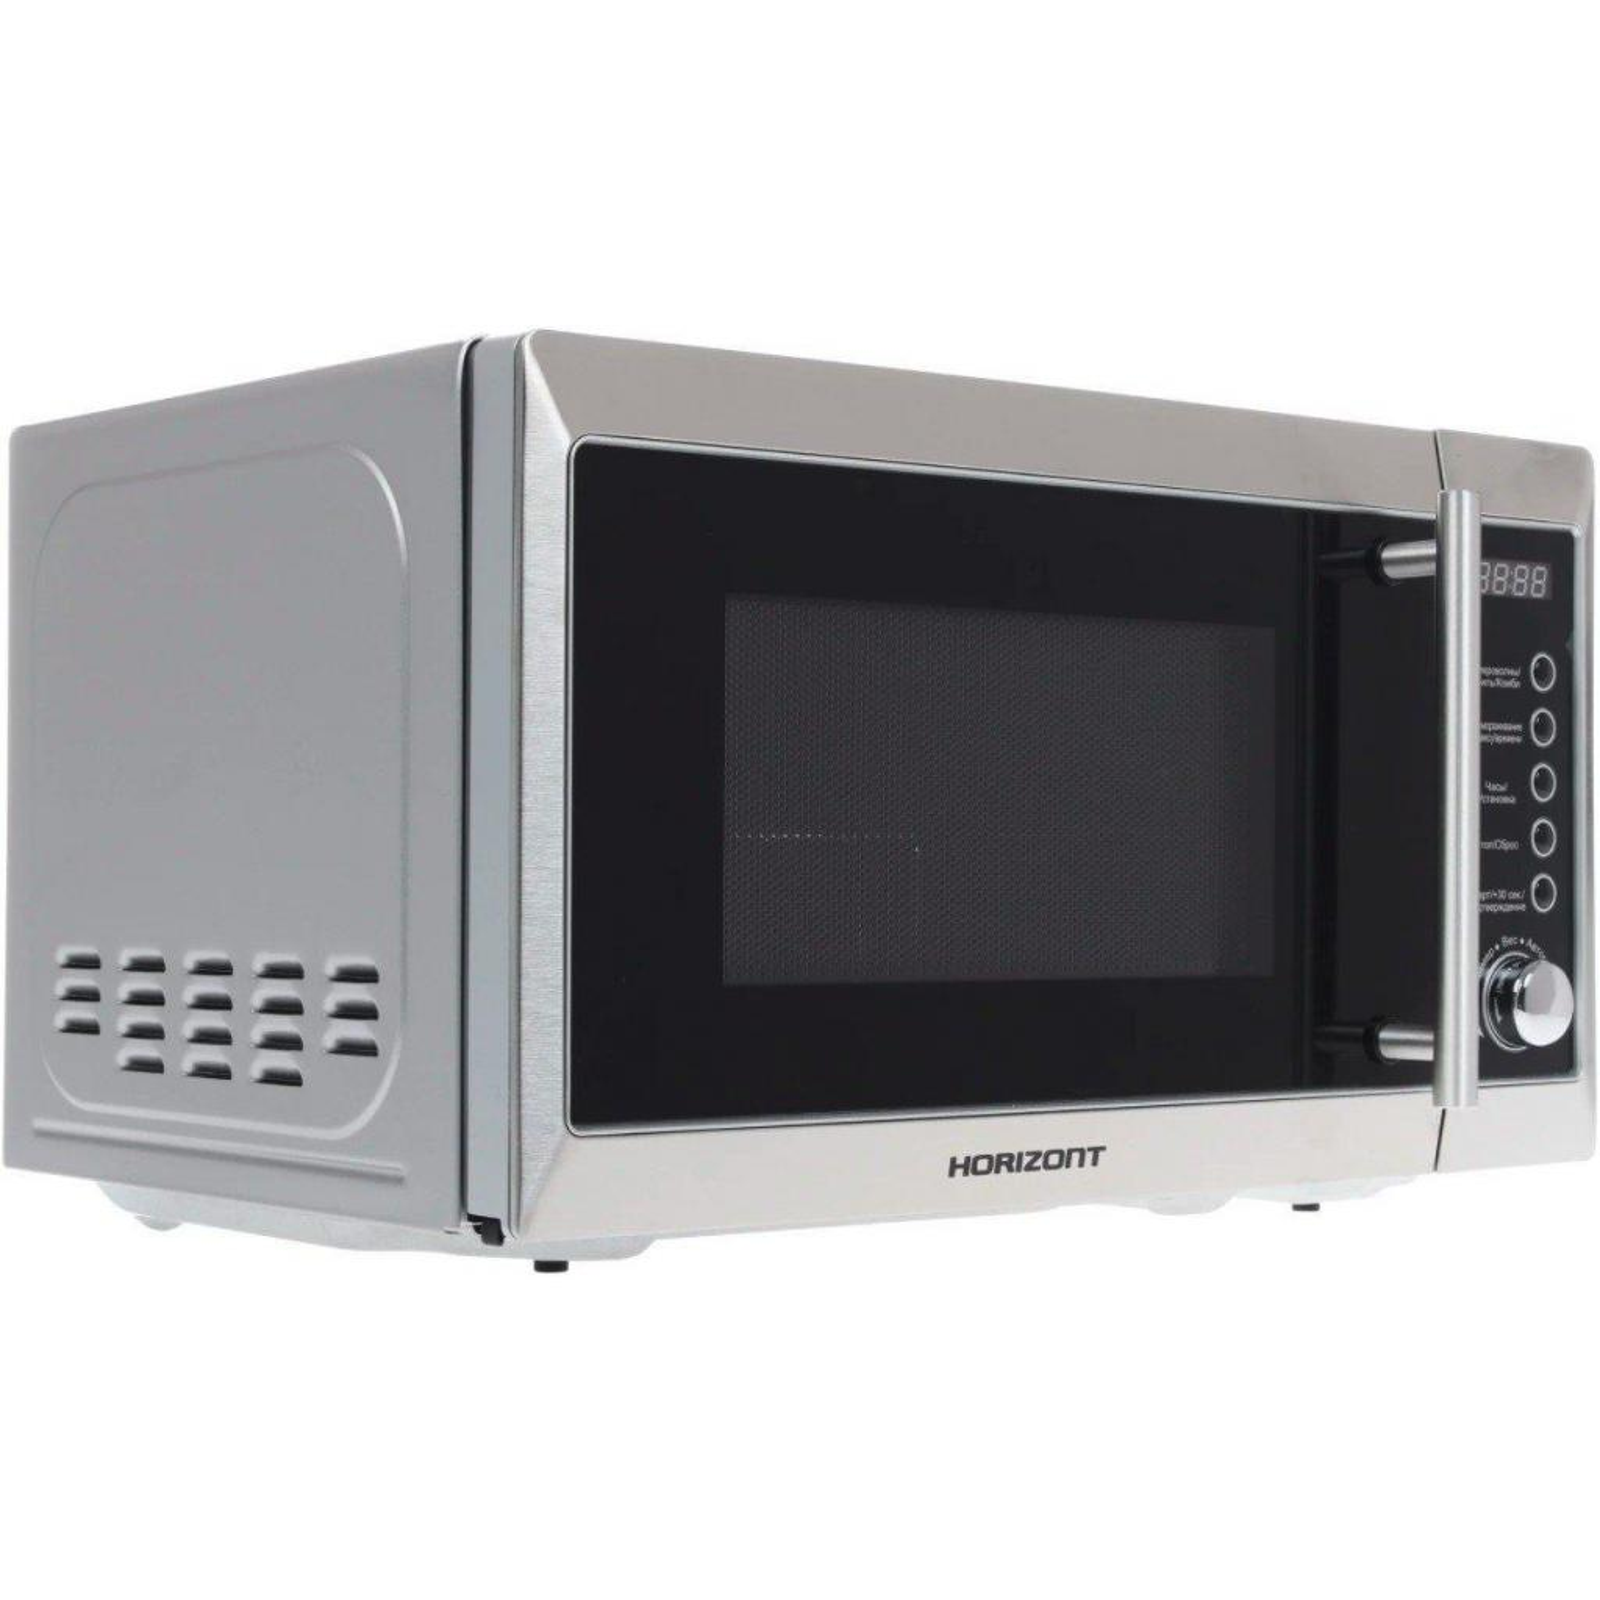 Микроволновая печь HORIZONT 20MW800-1479BFS изображение 2